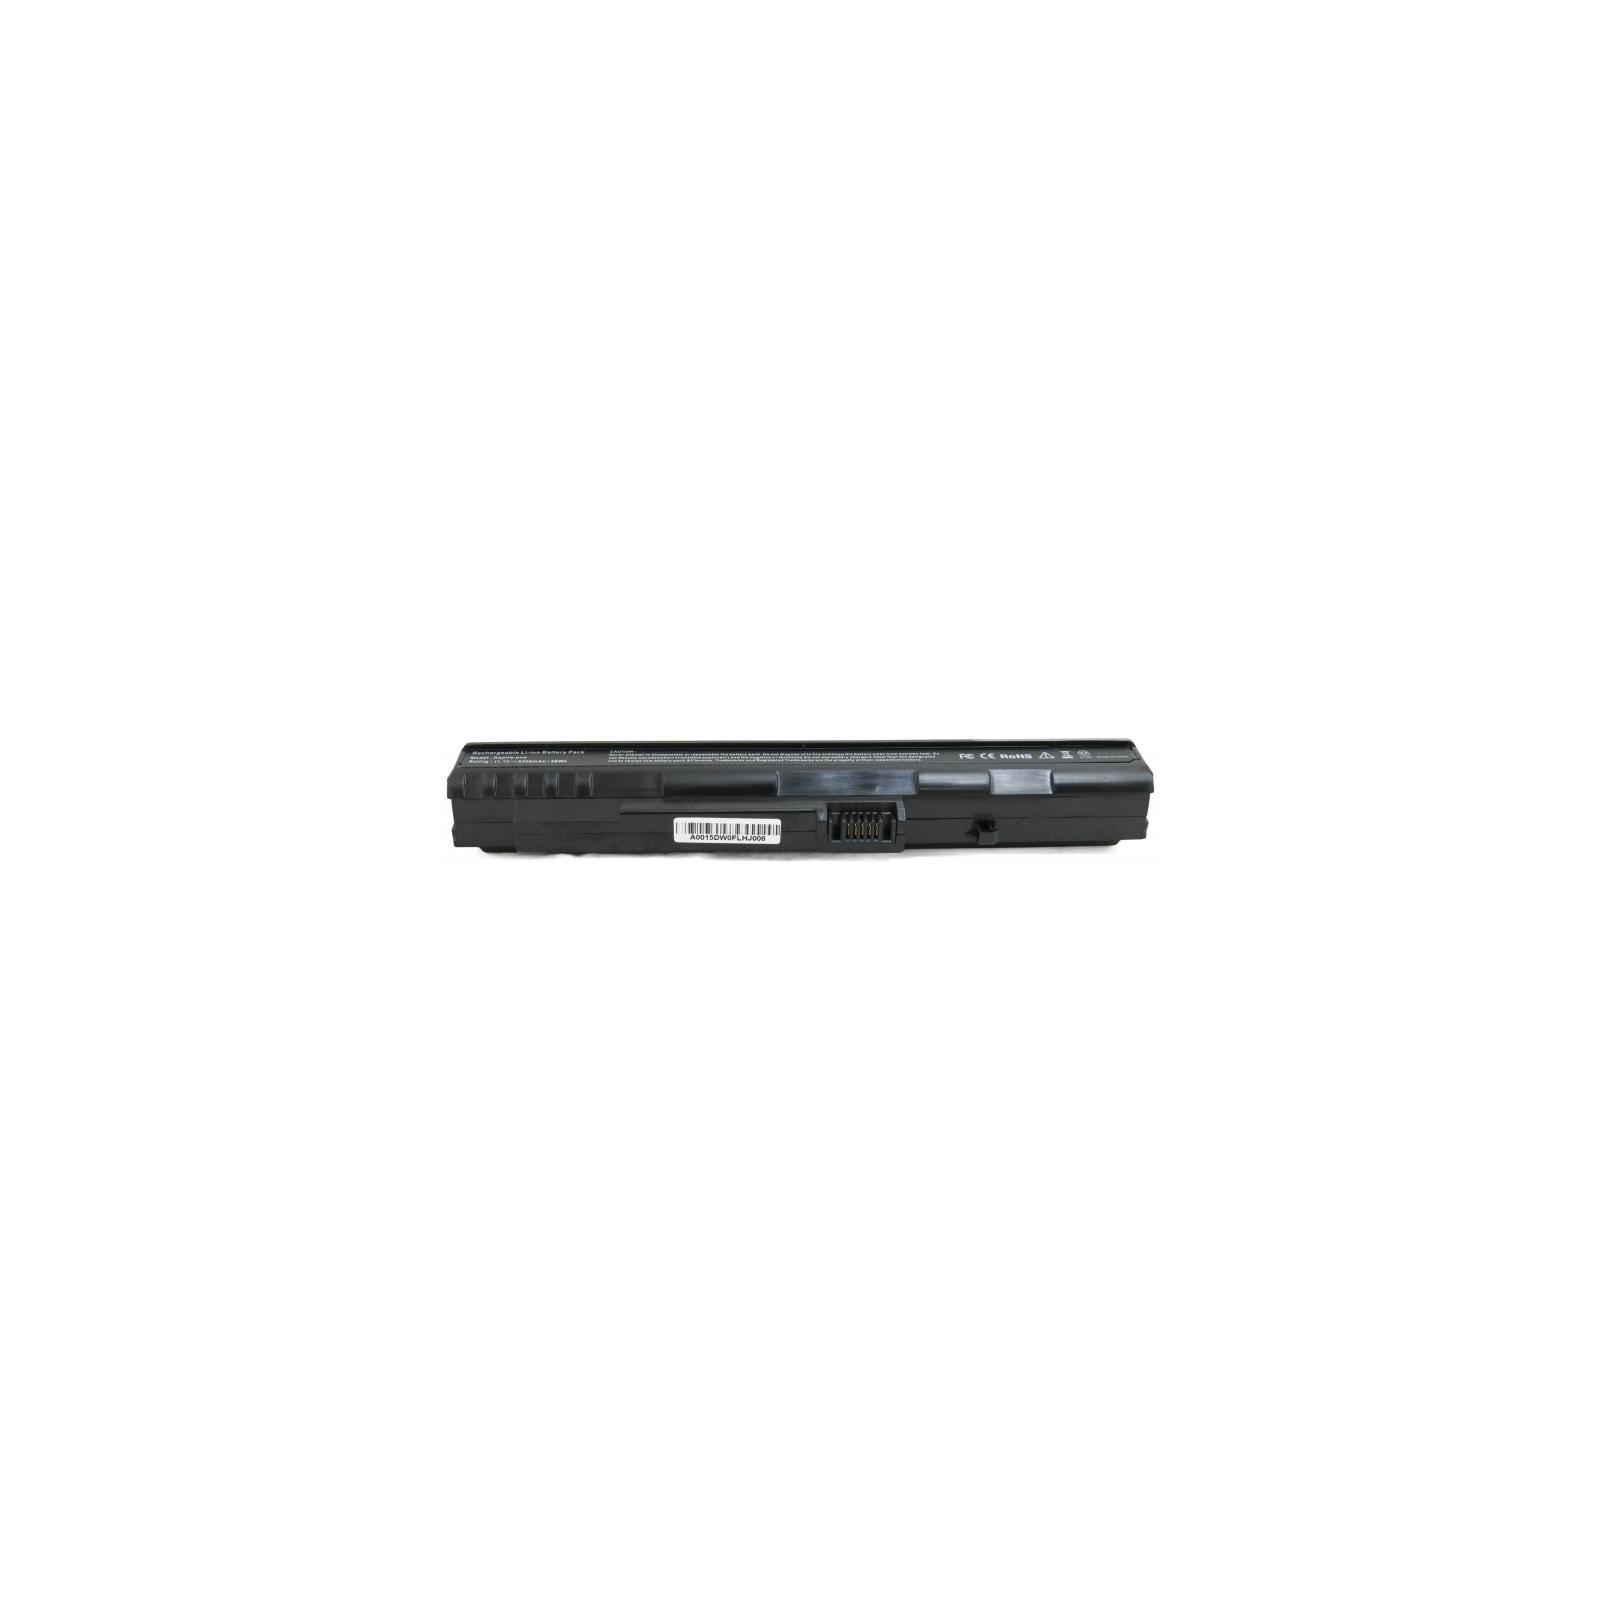 Аккумулятор для ноутбука Acer Aspire One A150 (UM08A71) 5200 mAh EXTRADIGITAL (BNA3914) изображение 4